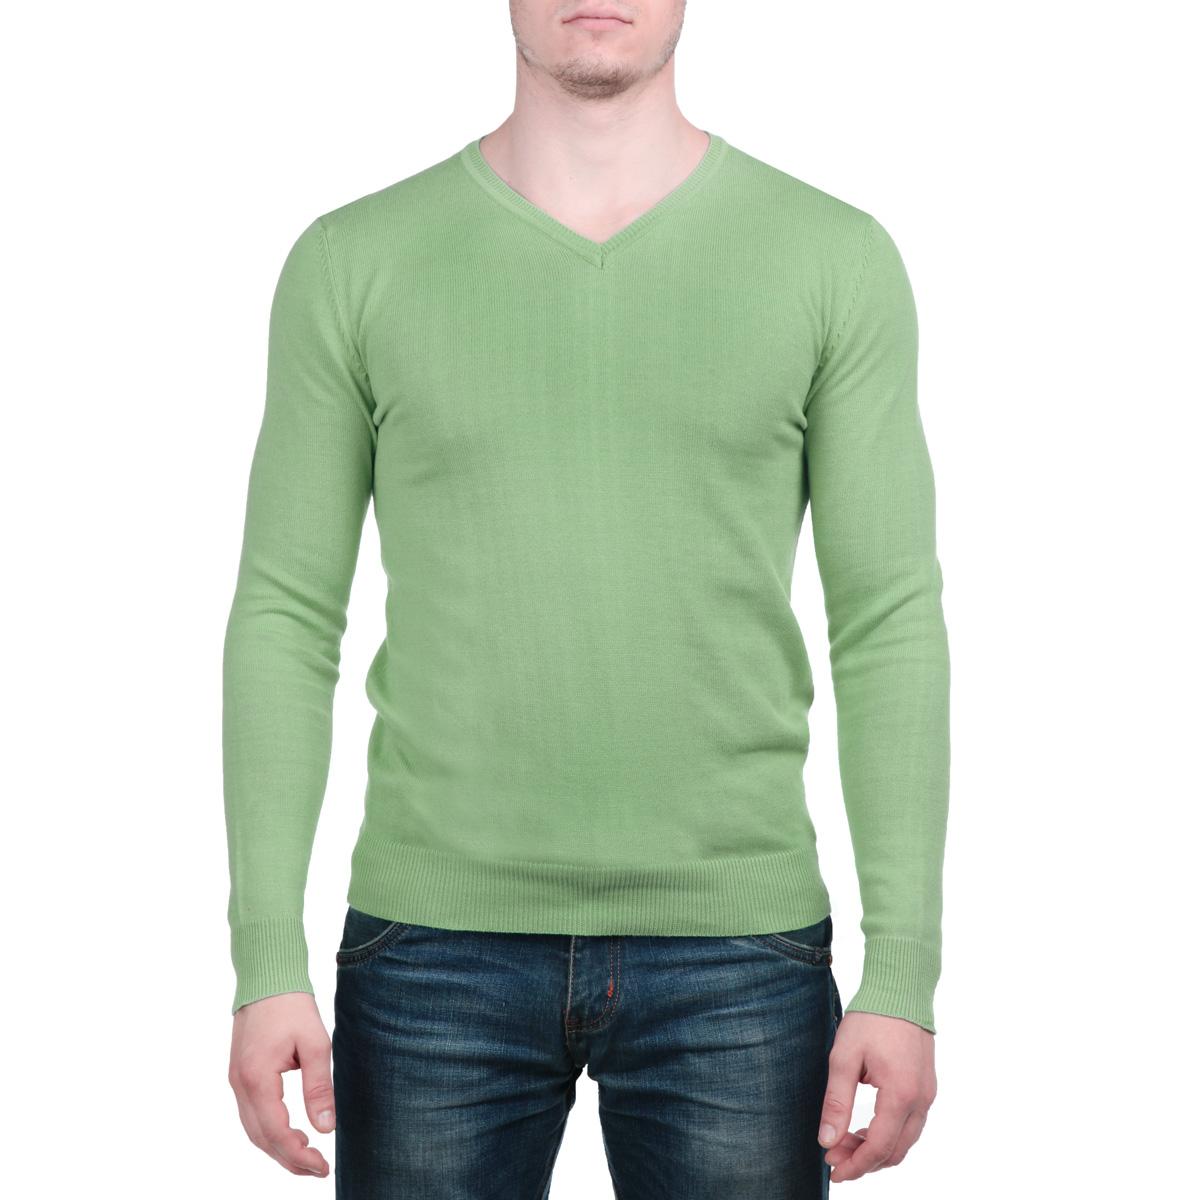 AbyssoB/BAYGREENСтильный мужской пуловер MeZaGuZ, изготовленный из высококачественного хлопка, не сковывает движения, обеспечивая наибольший комфорт. Модель с V-образным вырезом горловины великолепно сидит, а однотонная расцветка прекрасно сочетается с любыми нарядами. Низ и манжеты пуловера связаны резинкой. Этот теплый и комфортный пуловер станет отличным дополнением к вашему гардеробу. В нем вы всегда будете чувствовать себя уютно в прохладное время года.